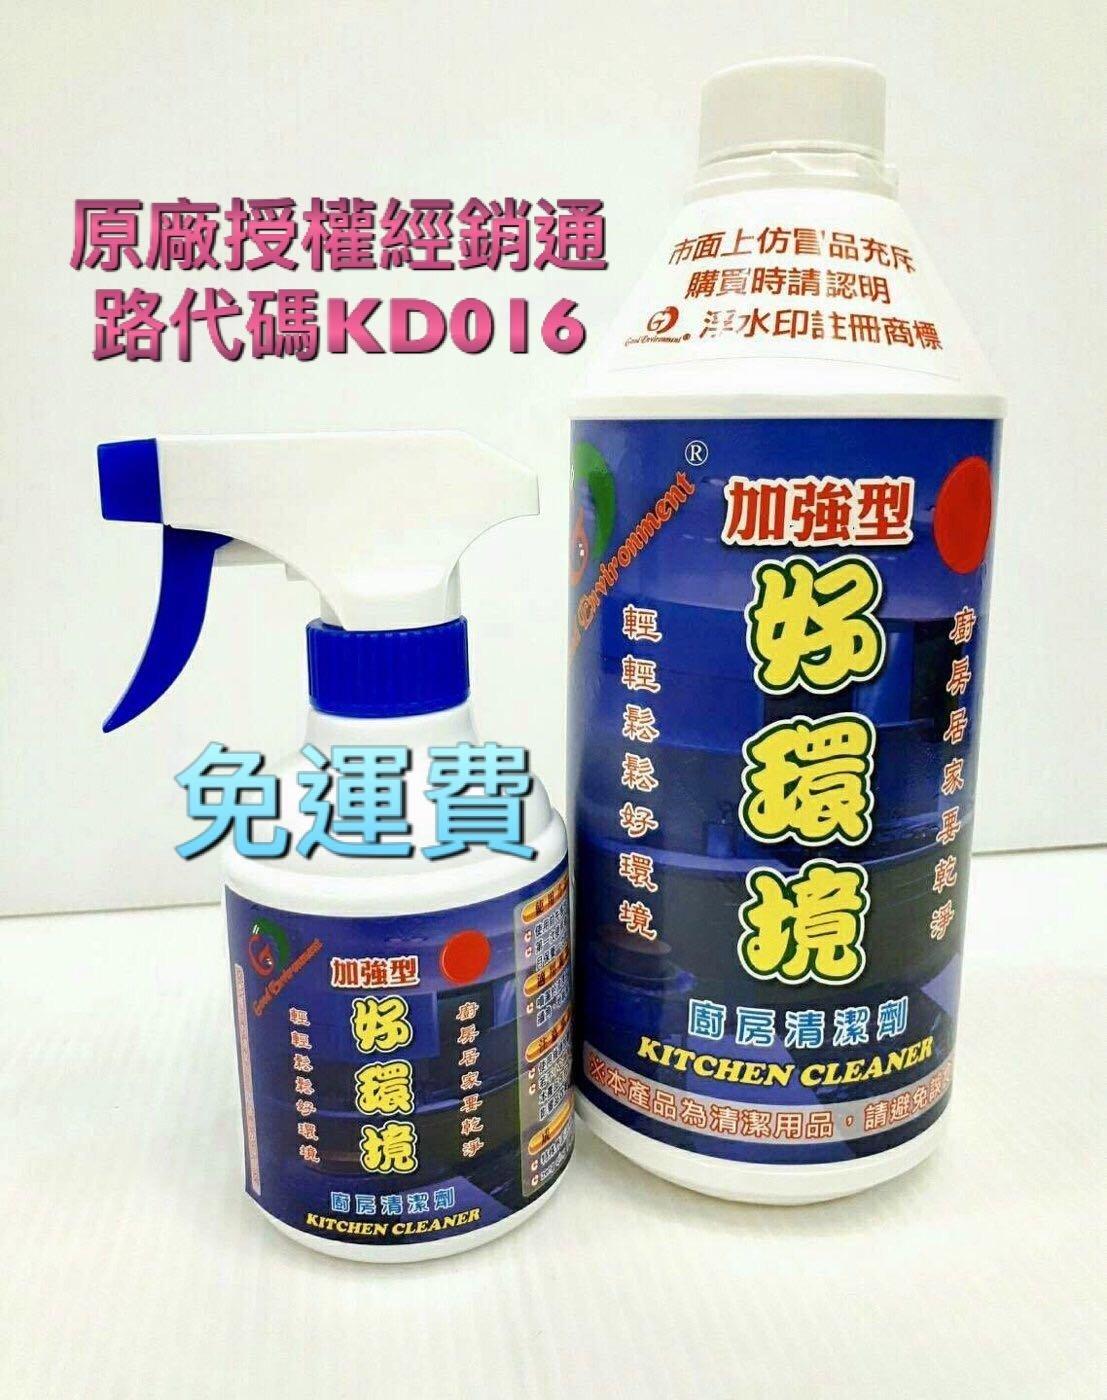 免 !好環境廚房清潔劑 本產品通過SGS測試合格,1000ml*1罐 250ml*1罐